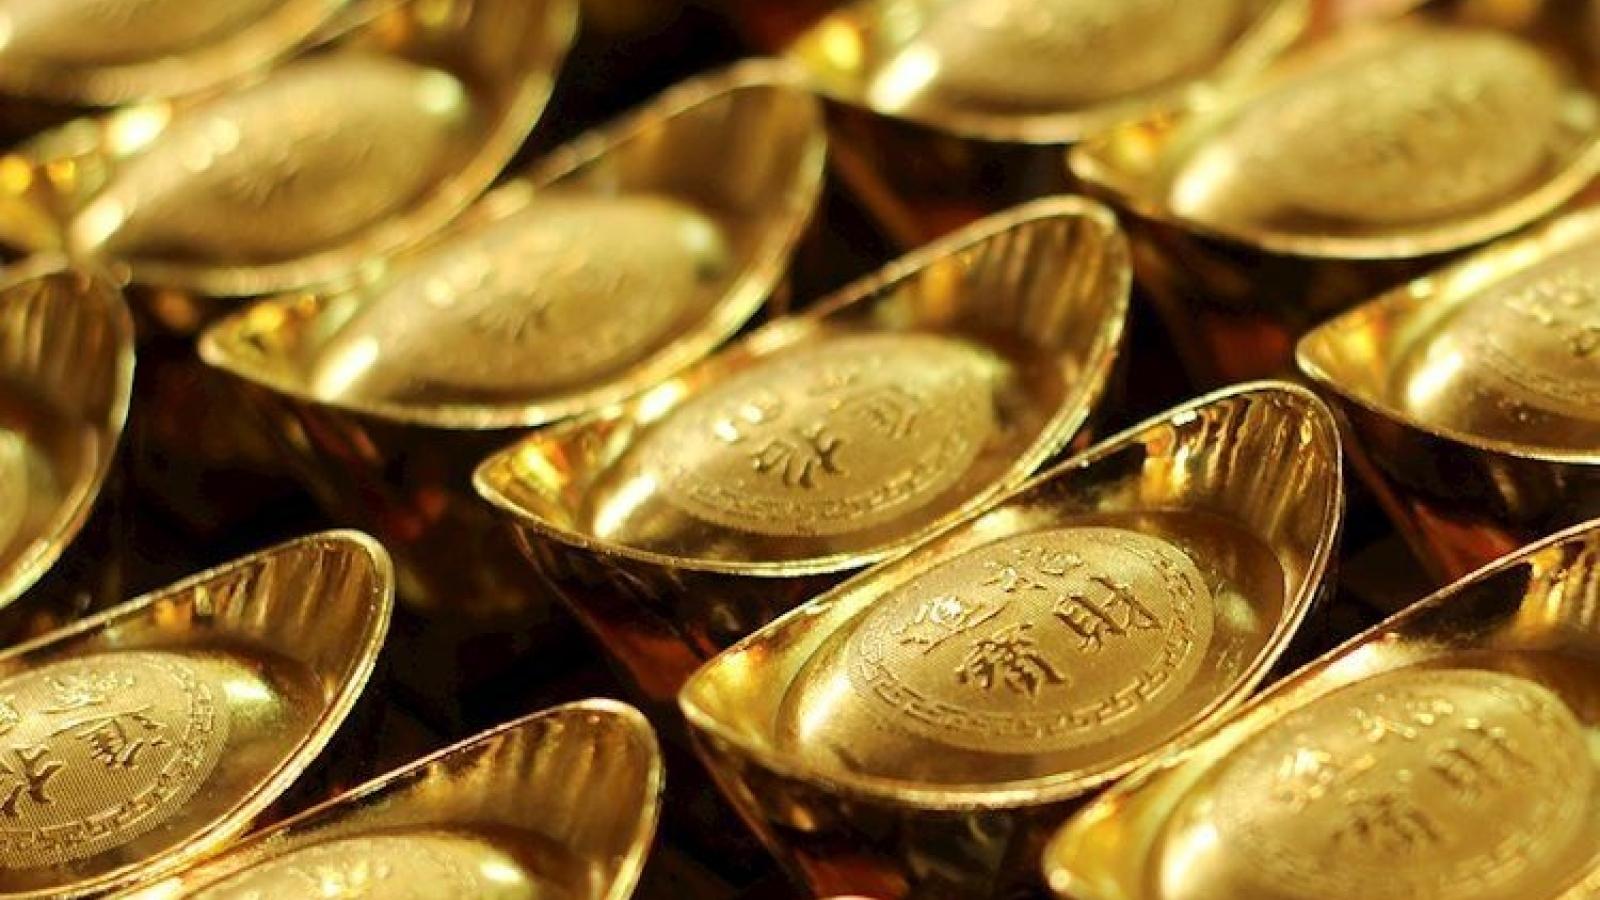 Giá vàng SJC tăng lên mức 55,80 triệu đồng/lượng